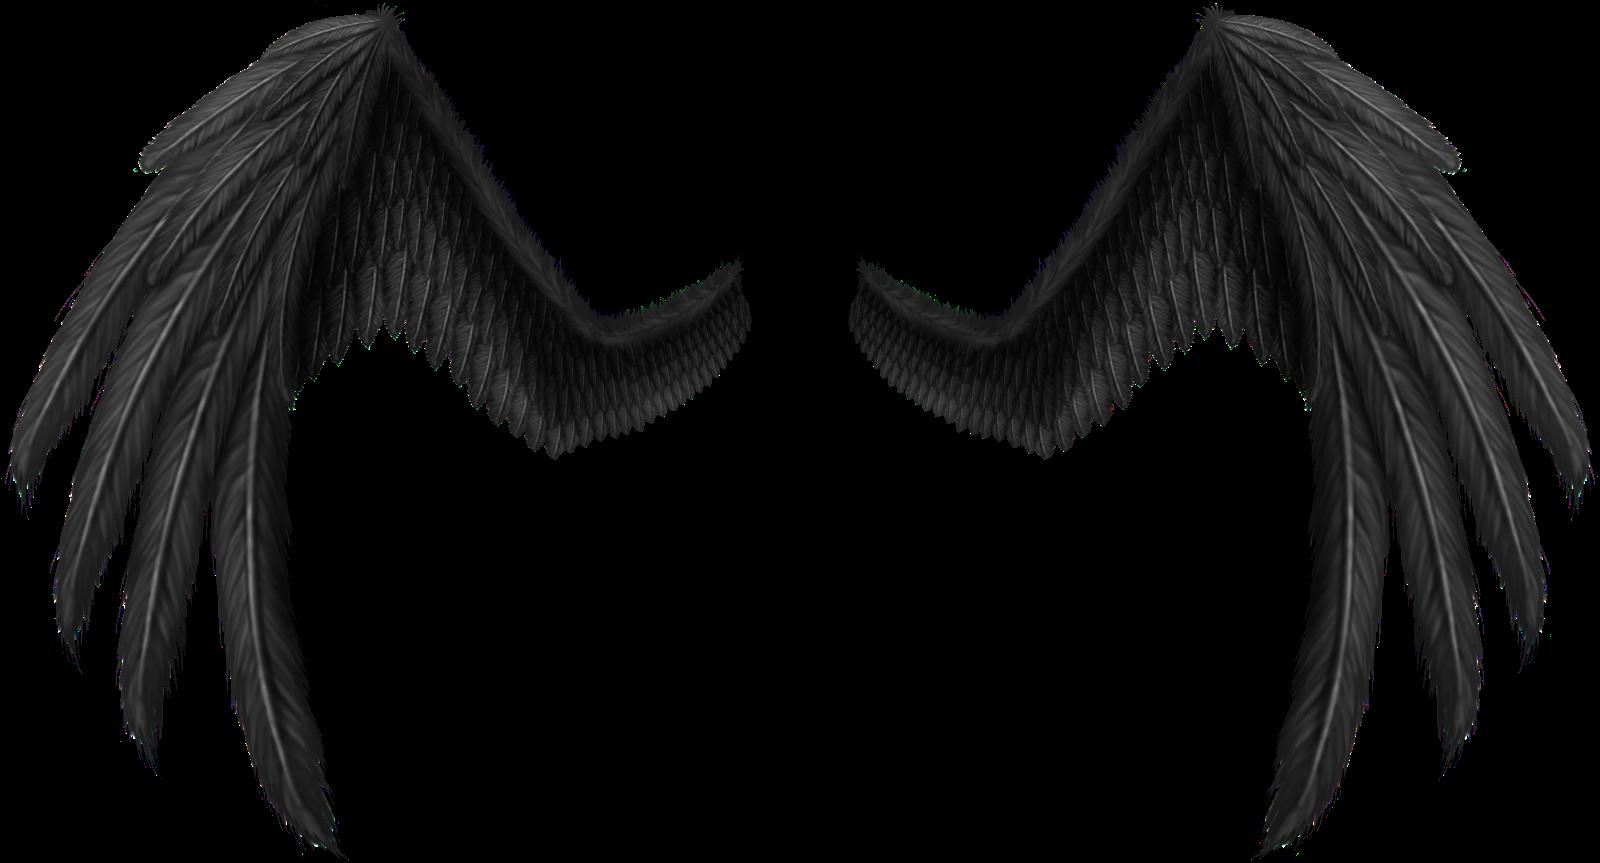 asas de anjo ficam - photo #15